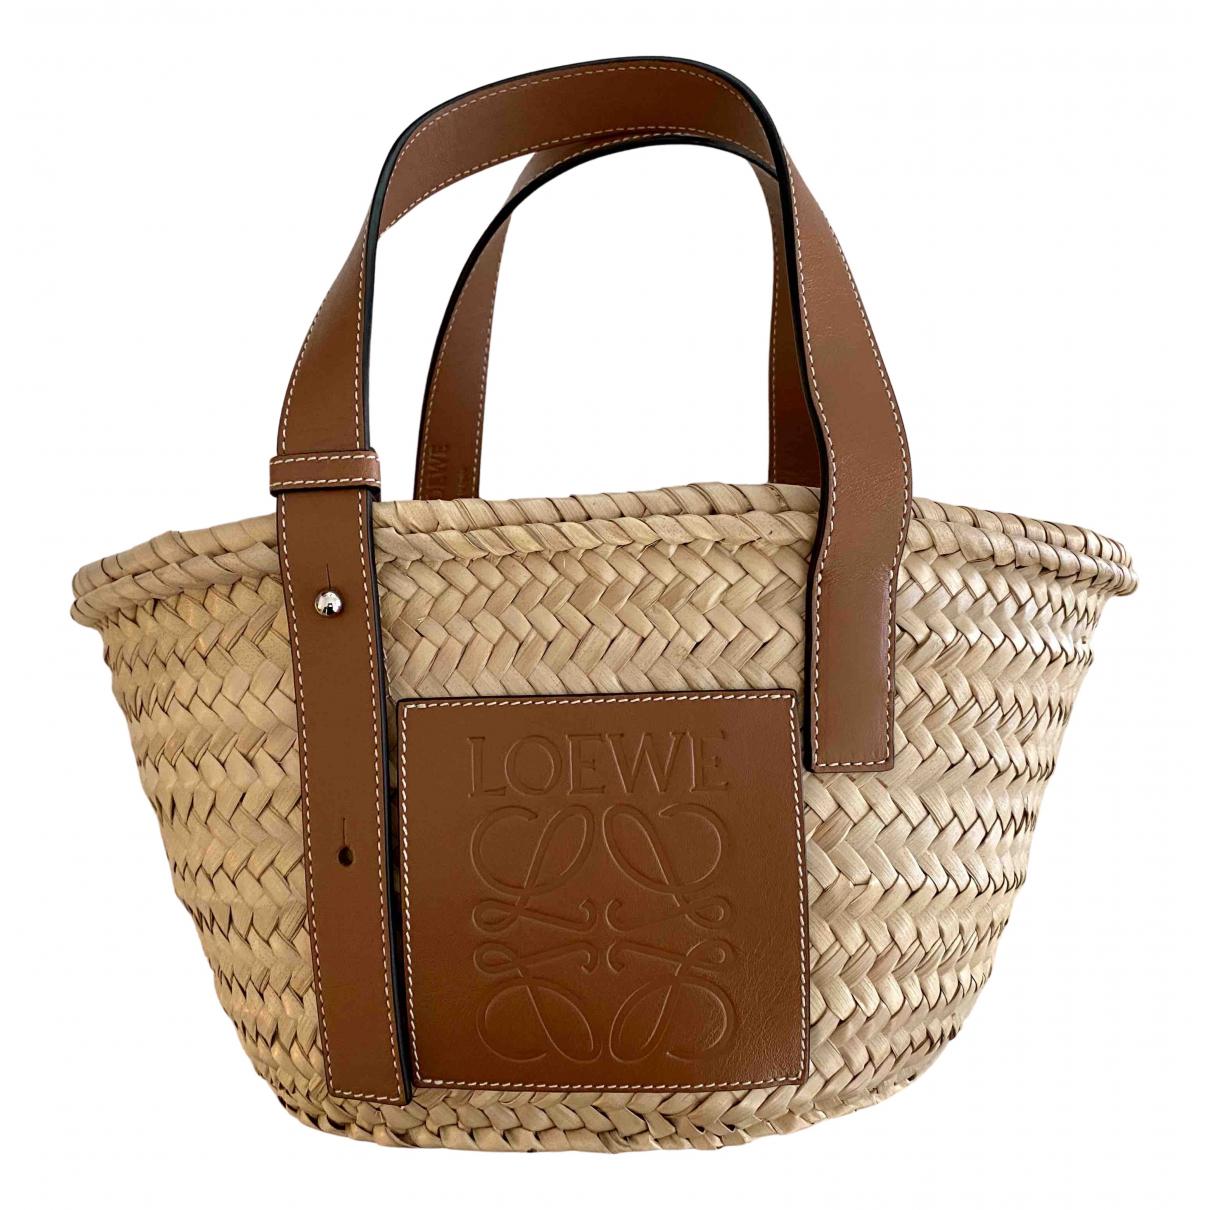 Loewe - Sac a main Basket Bag pour femme en paille - beige